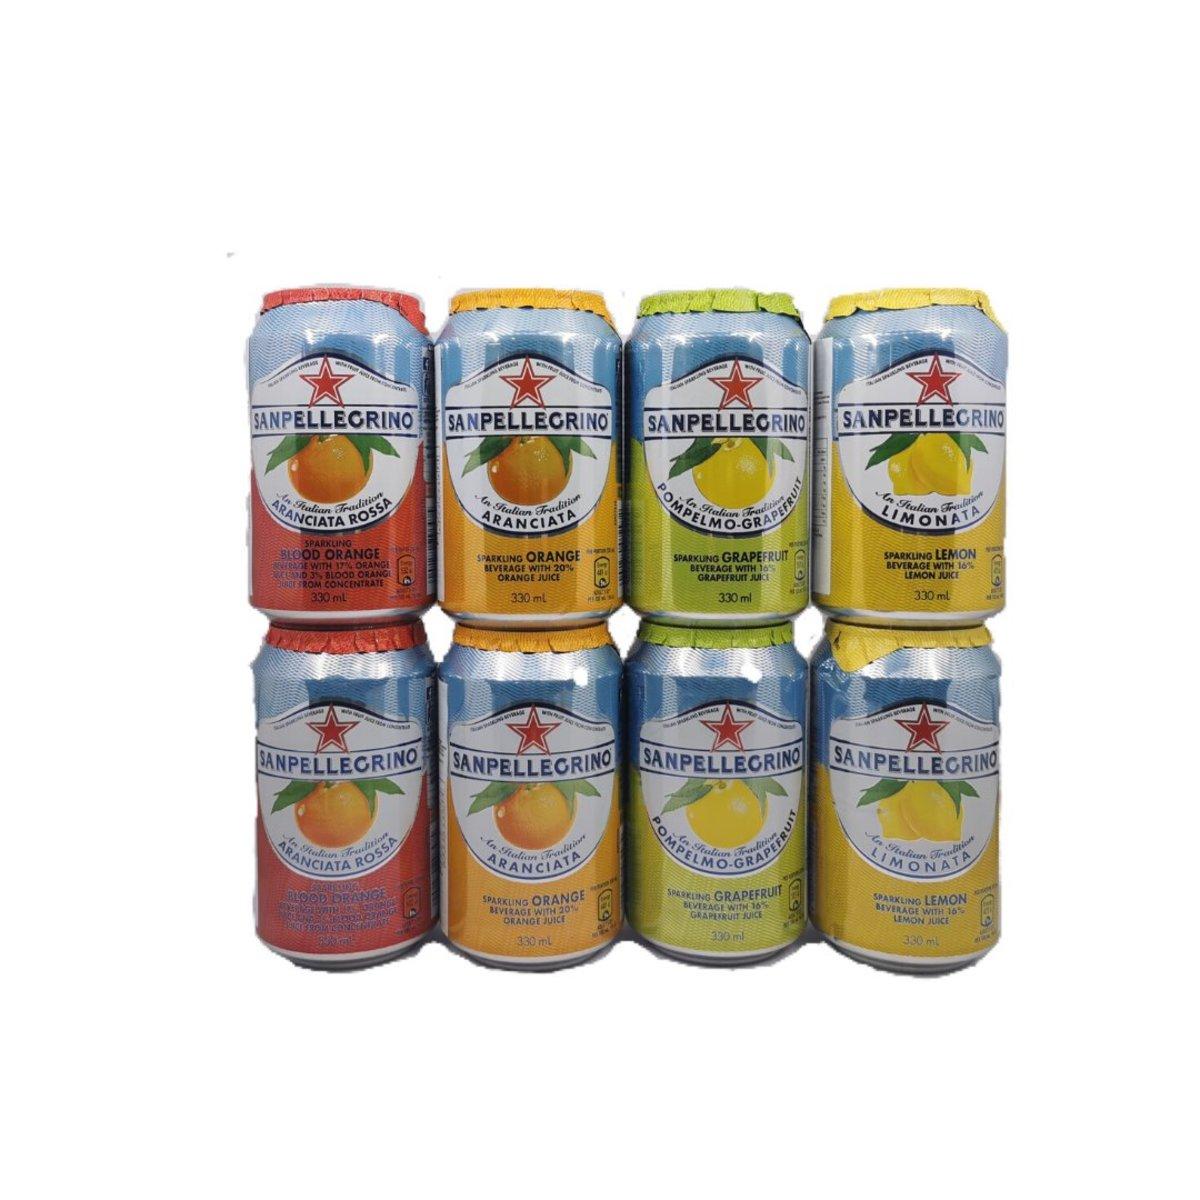 Sparkling 8 cans-Blood Orange,Orange,Lemon,Grapefruit (2 of each)